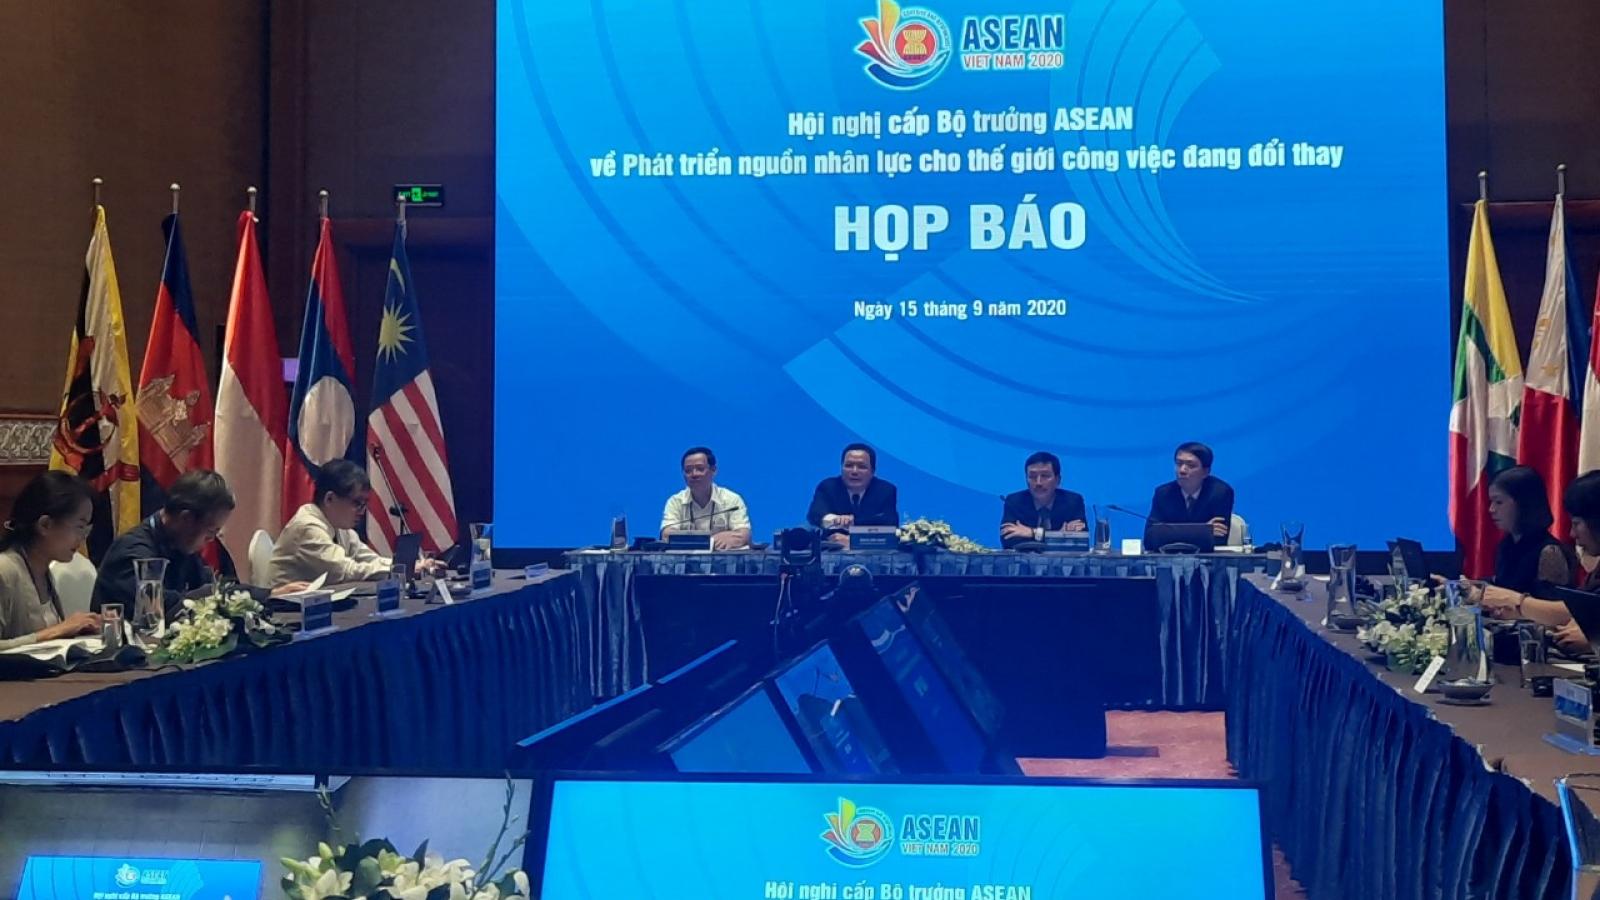 Thành lập Hiệp hội giáo dục nghề nghiệp ASEAN